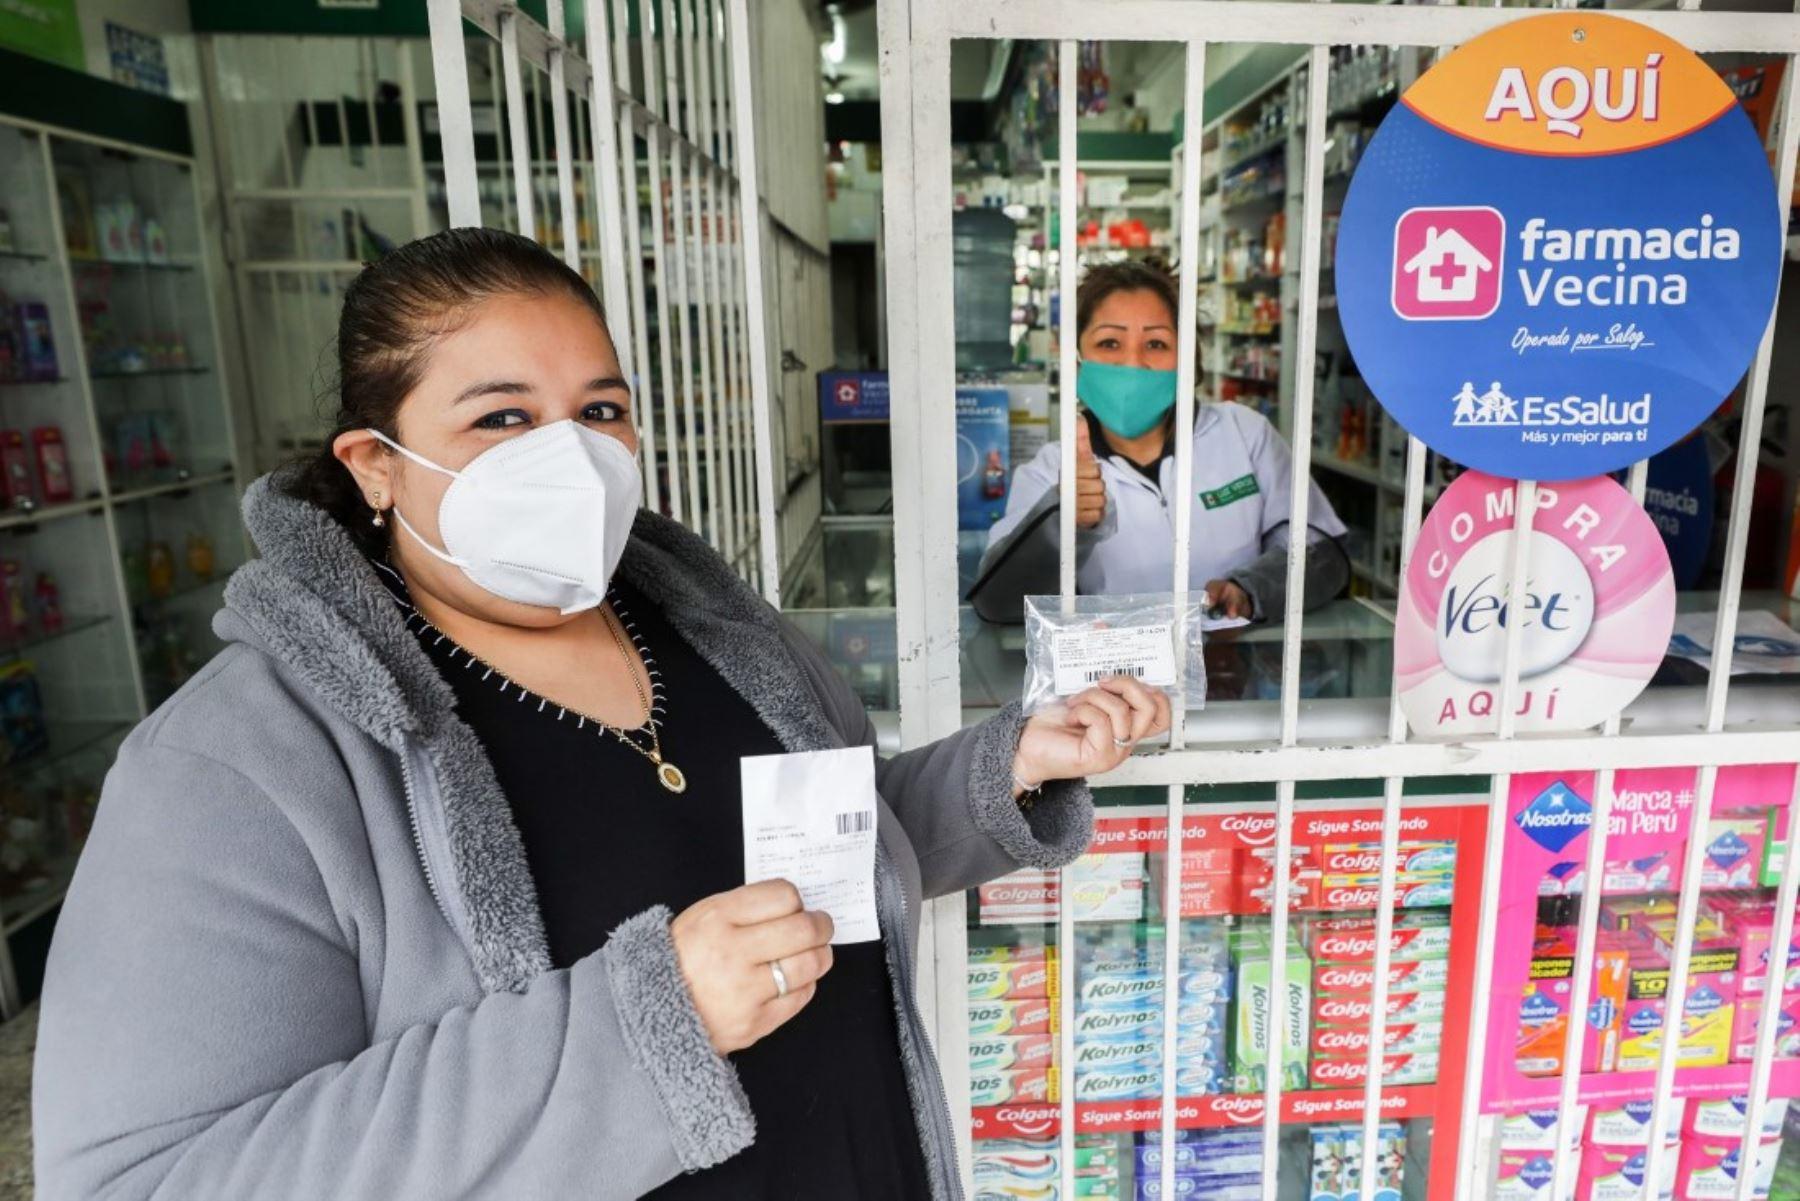 El programa Farmacia Vecina recibe el Premio Buenas Prácticas en Gestión Pública 2020